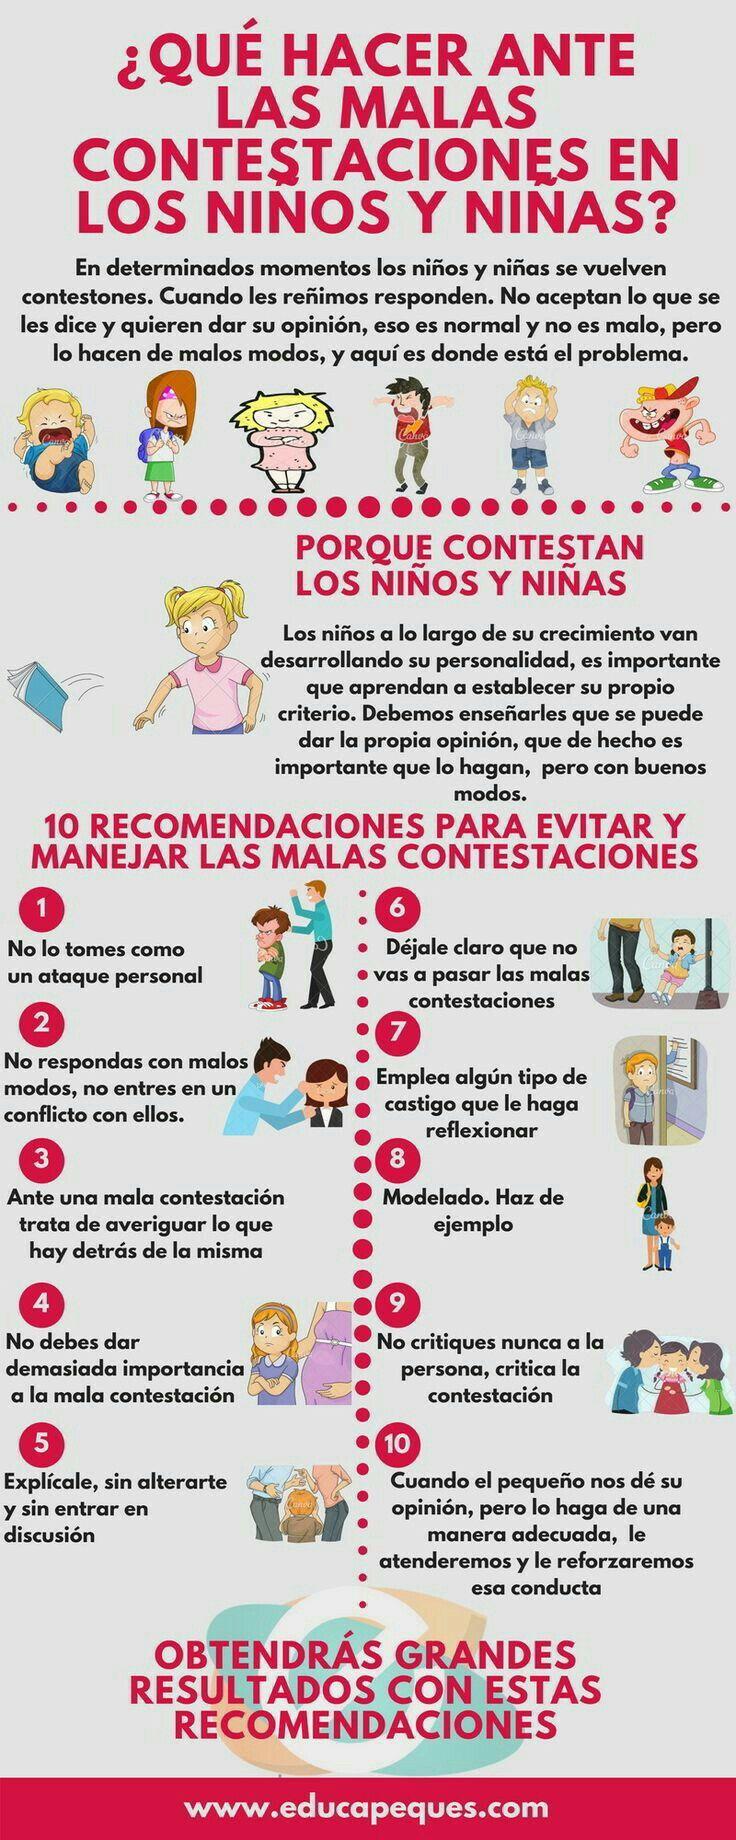 Pin De Dacia Ubillus En Educacion Infantil Educacion Emocional Infantil Educacion Educacion Emocional